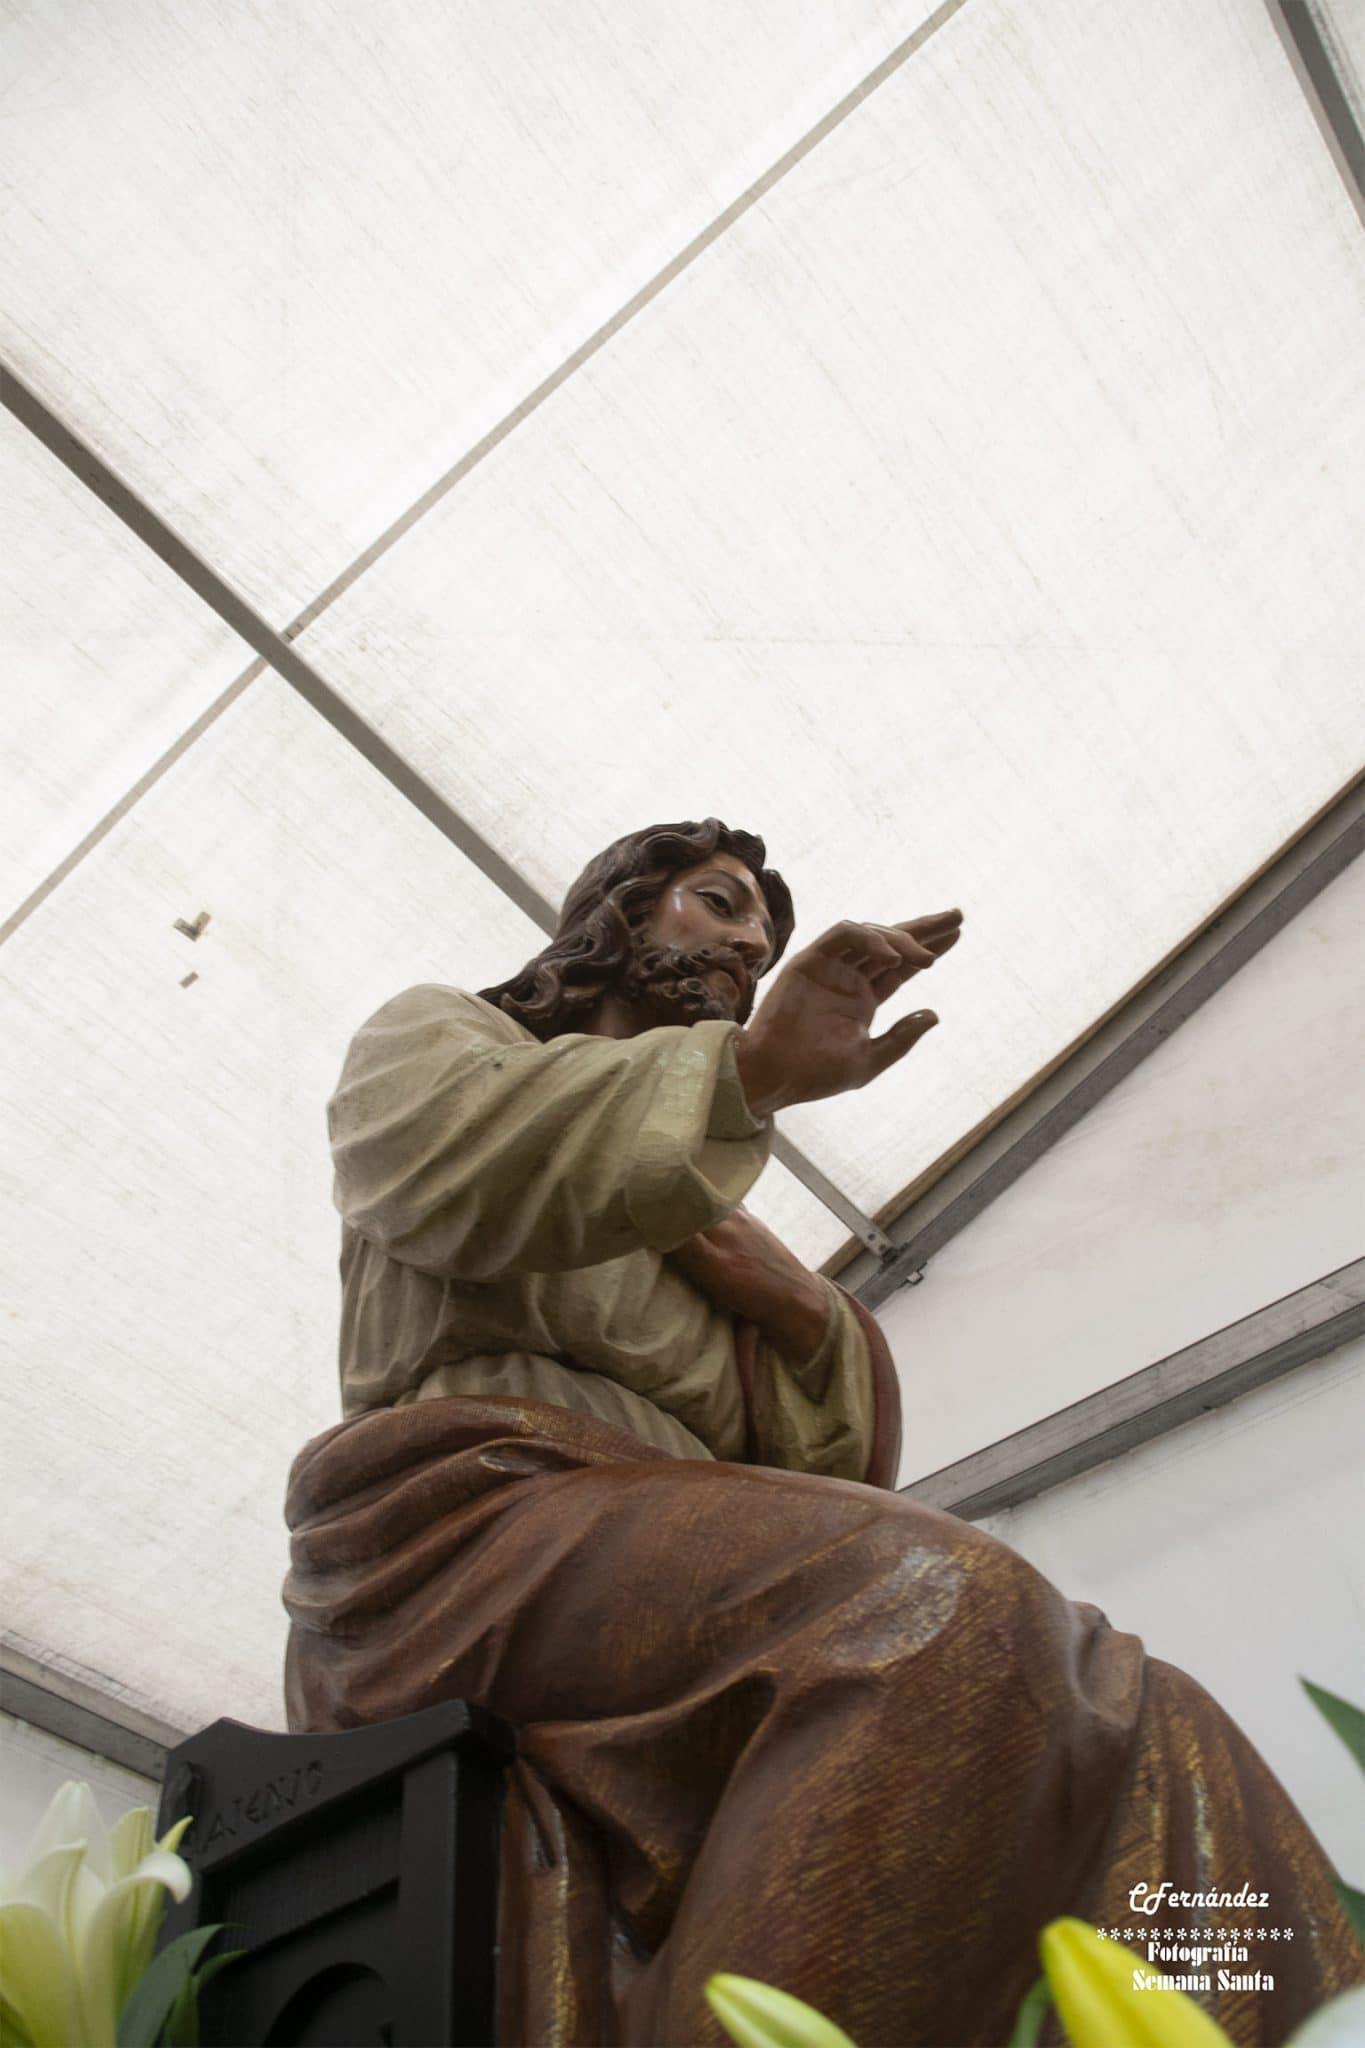 Procesión de la Santa Cena, León 10